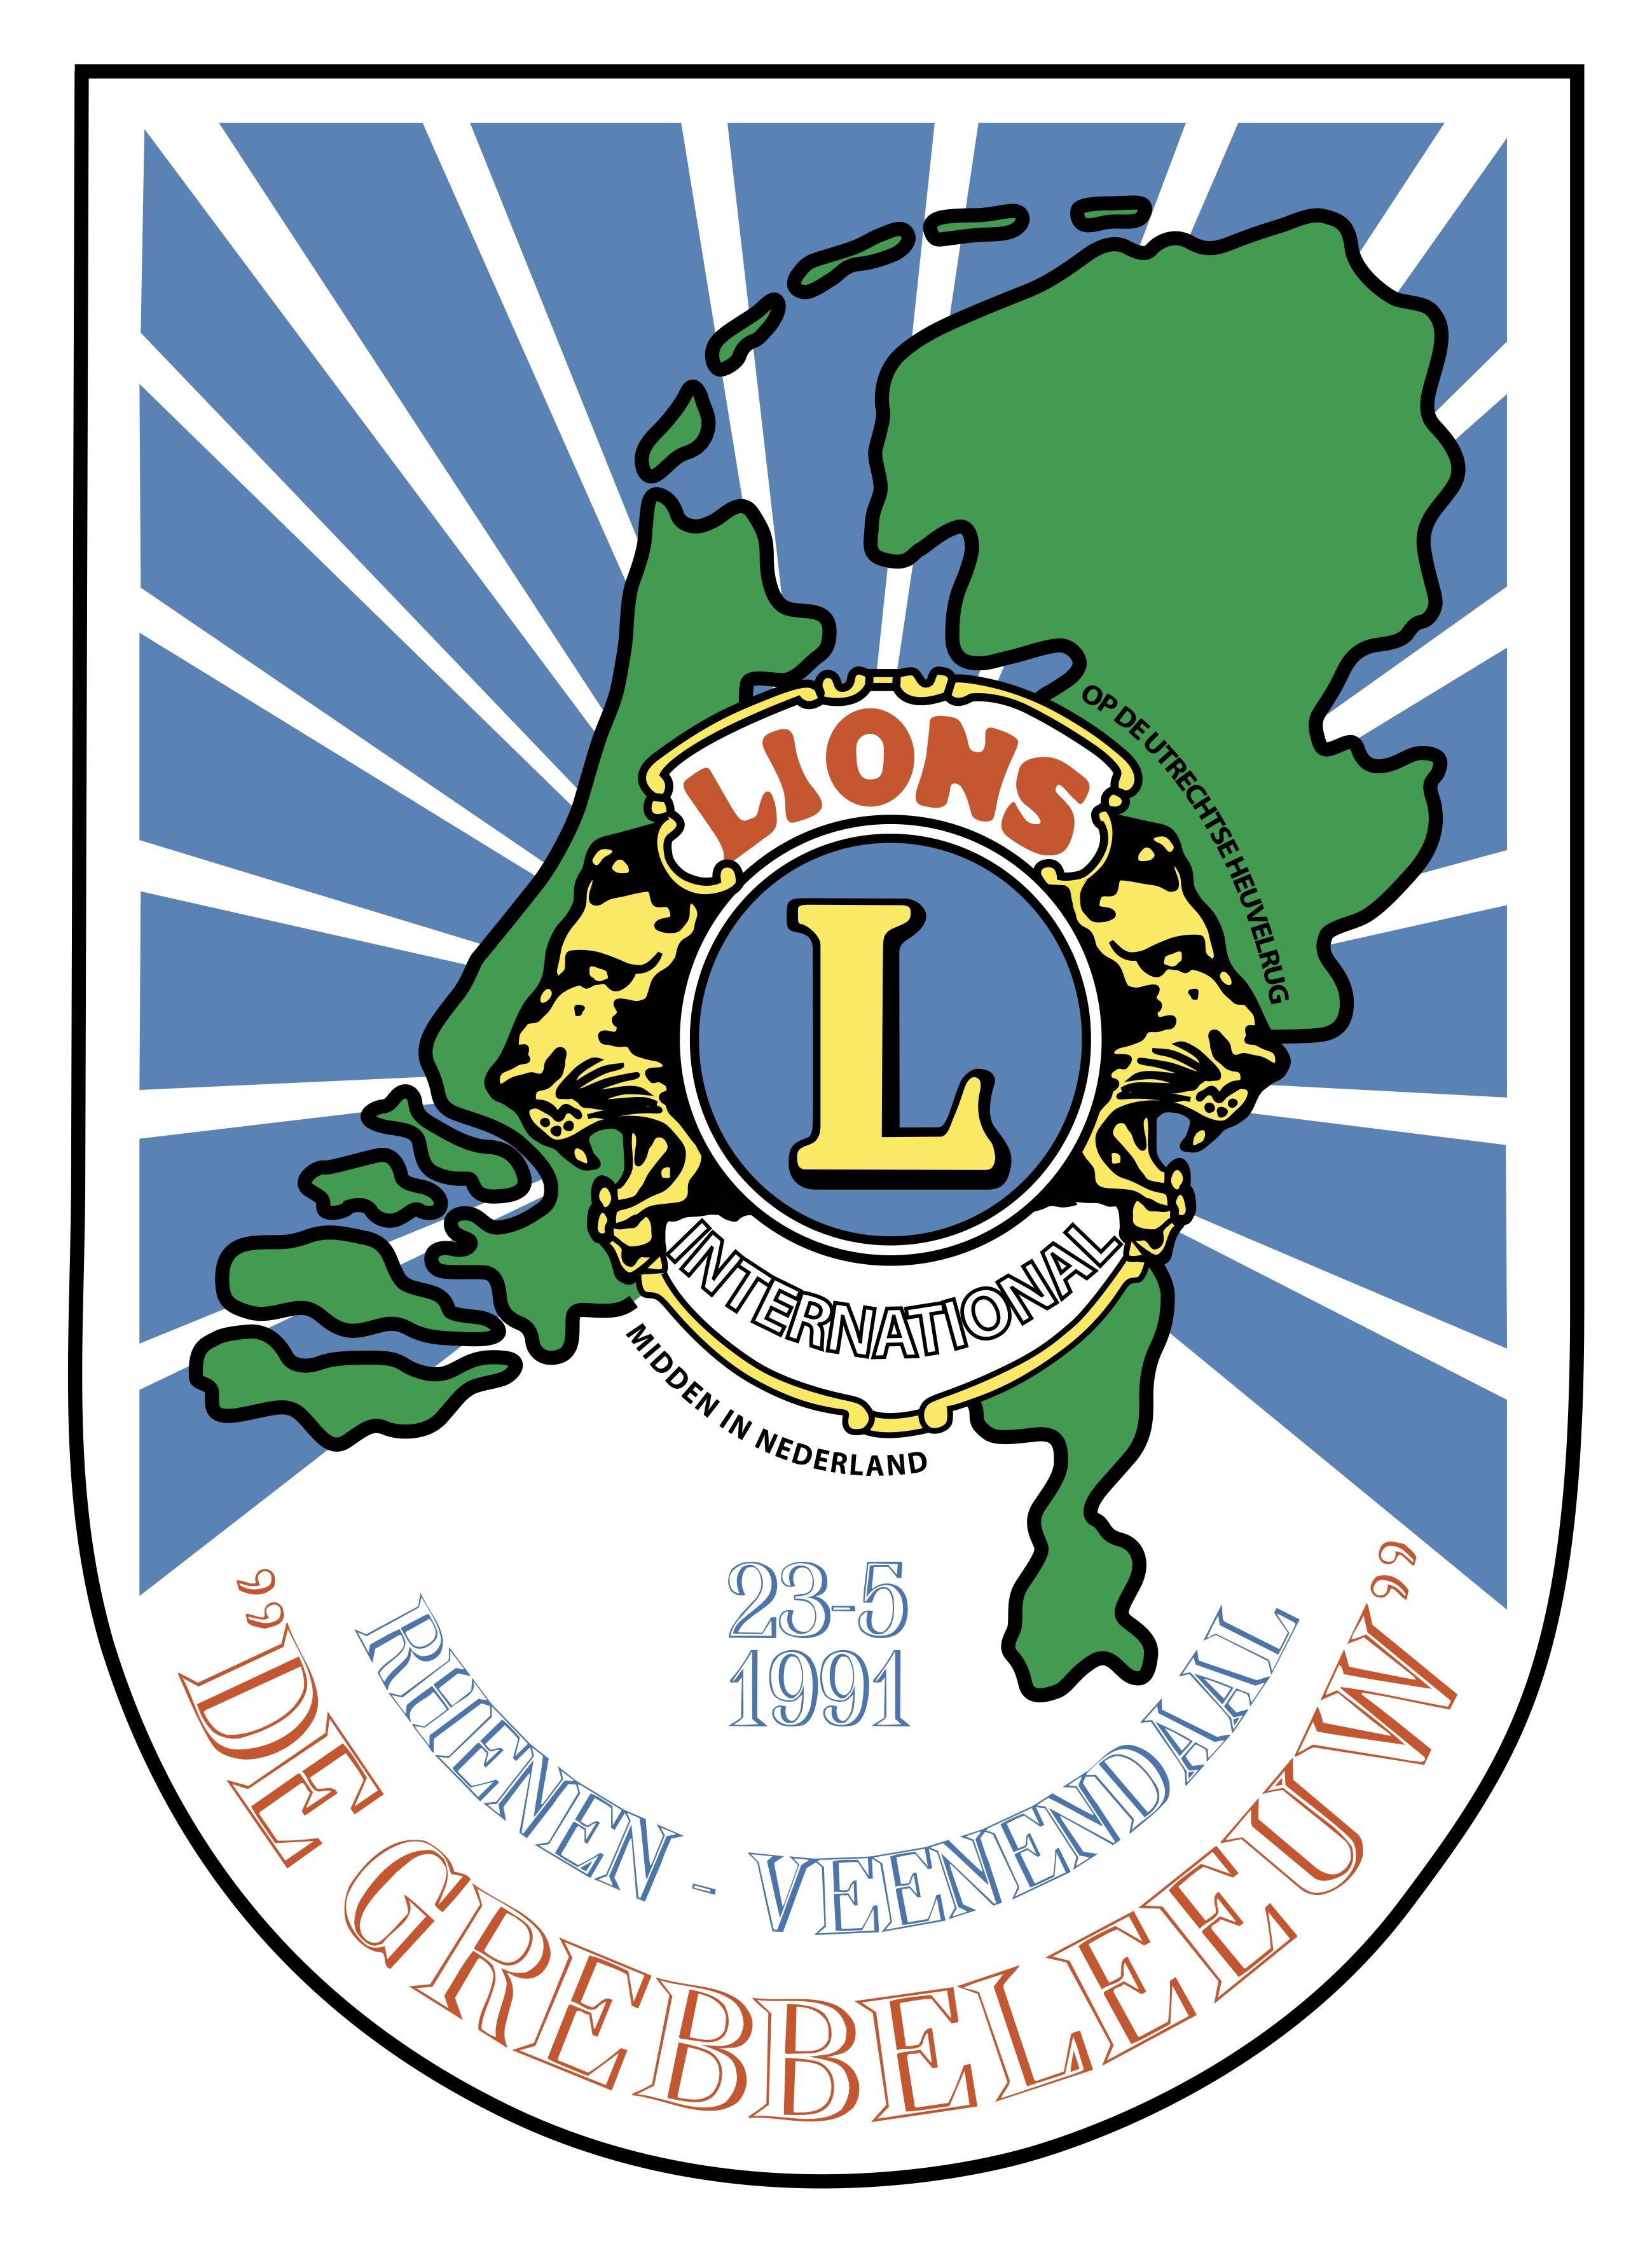 2598x3543 Lionsclub De Grebbeleeuw